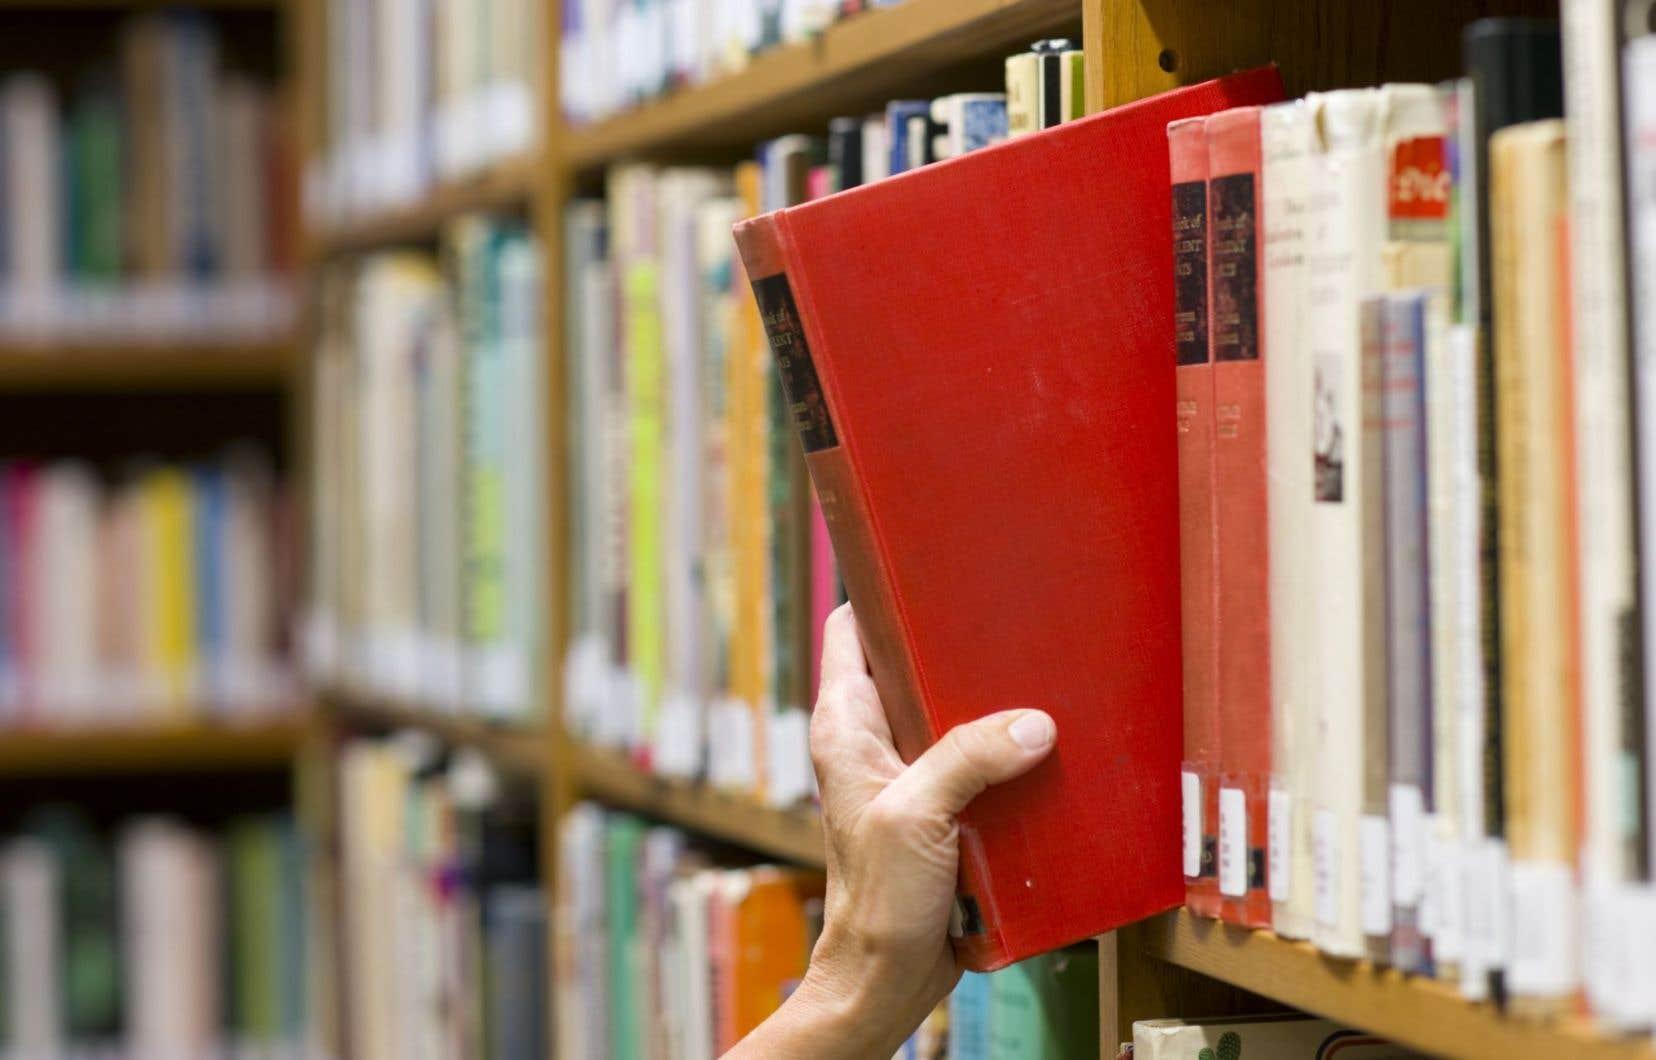 L'Université Laval est la seule université québécoise à avoir choisi de ne pas renouveler l'entente qui la liait à Copibec pour le versement de droits de reproduction, laquelle a pris fin en mai 2014.